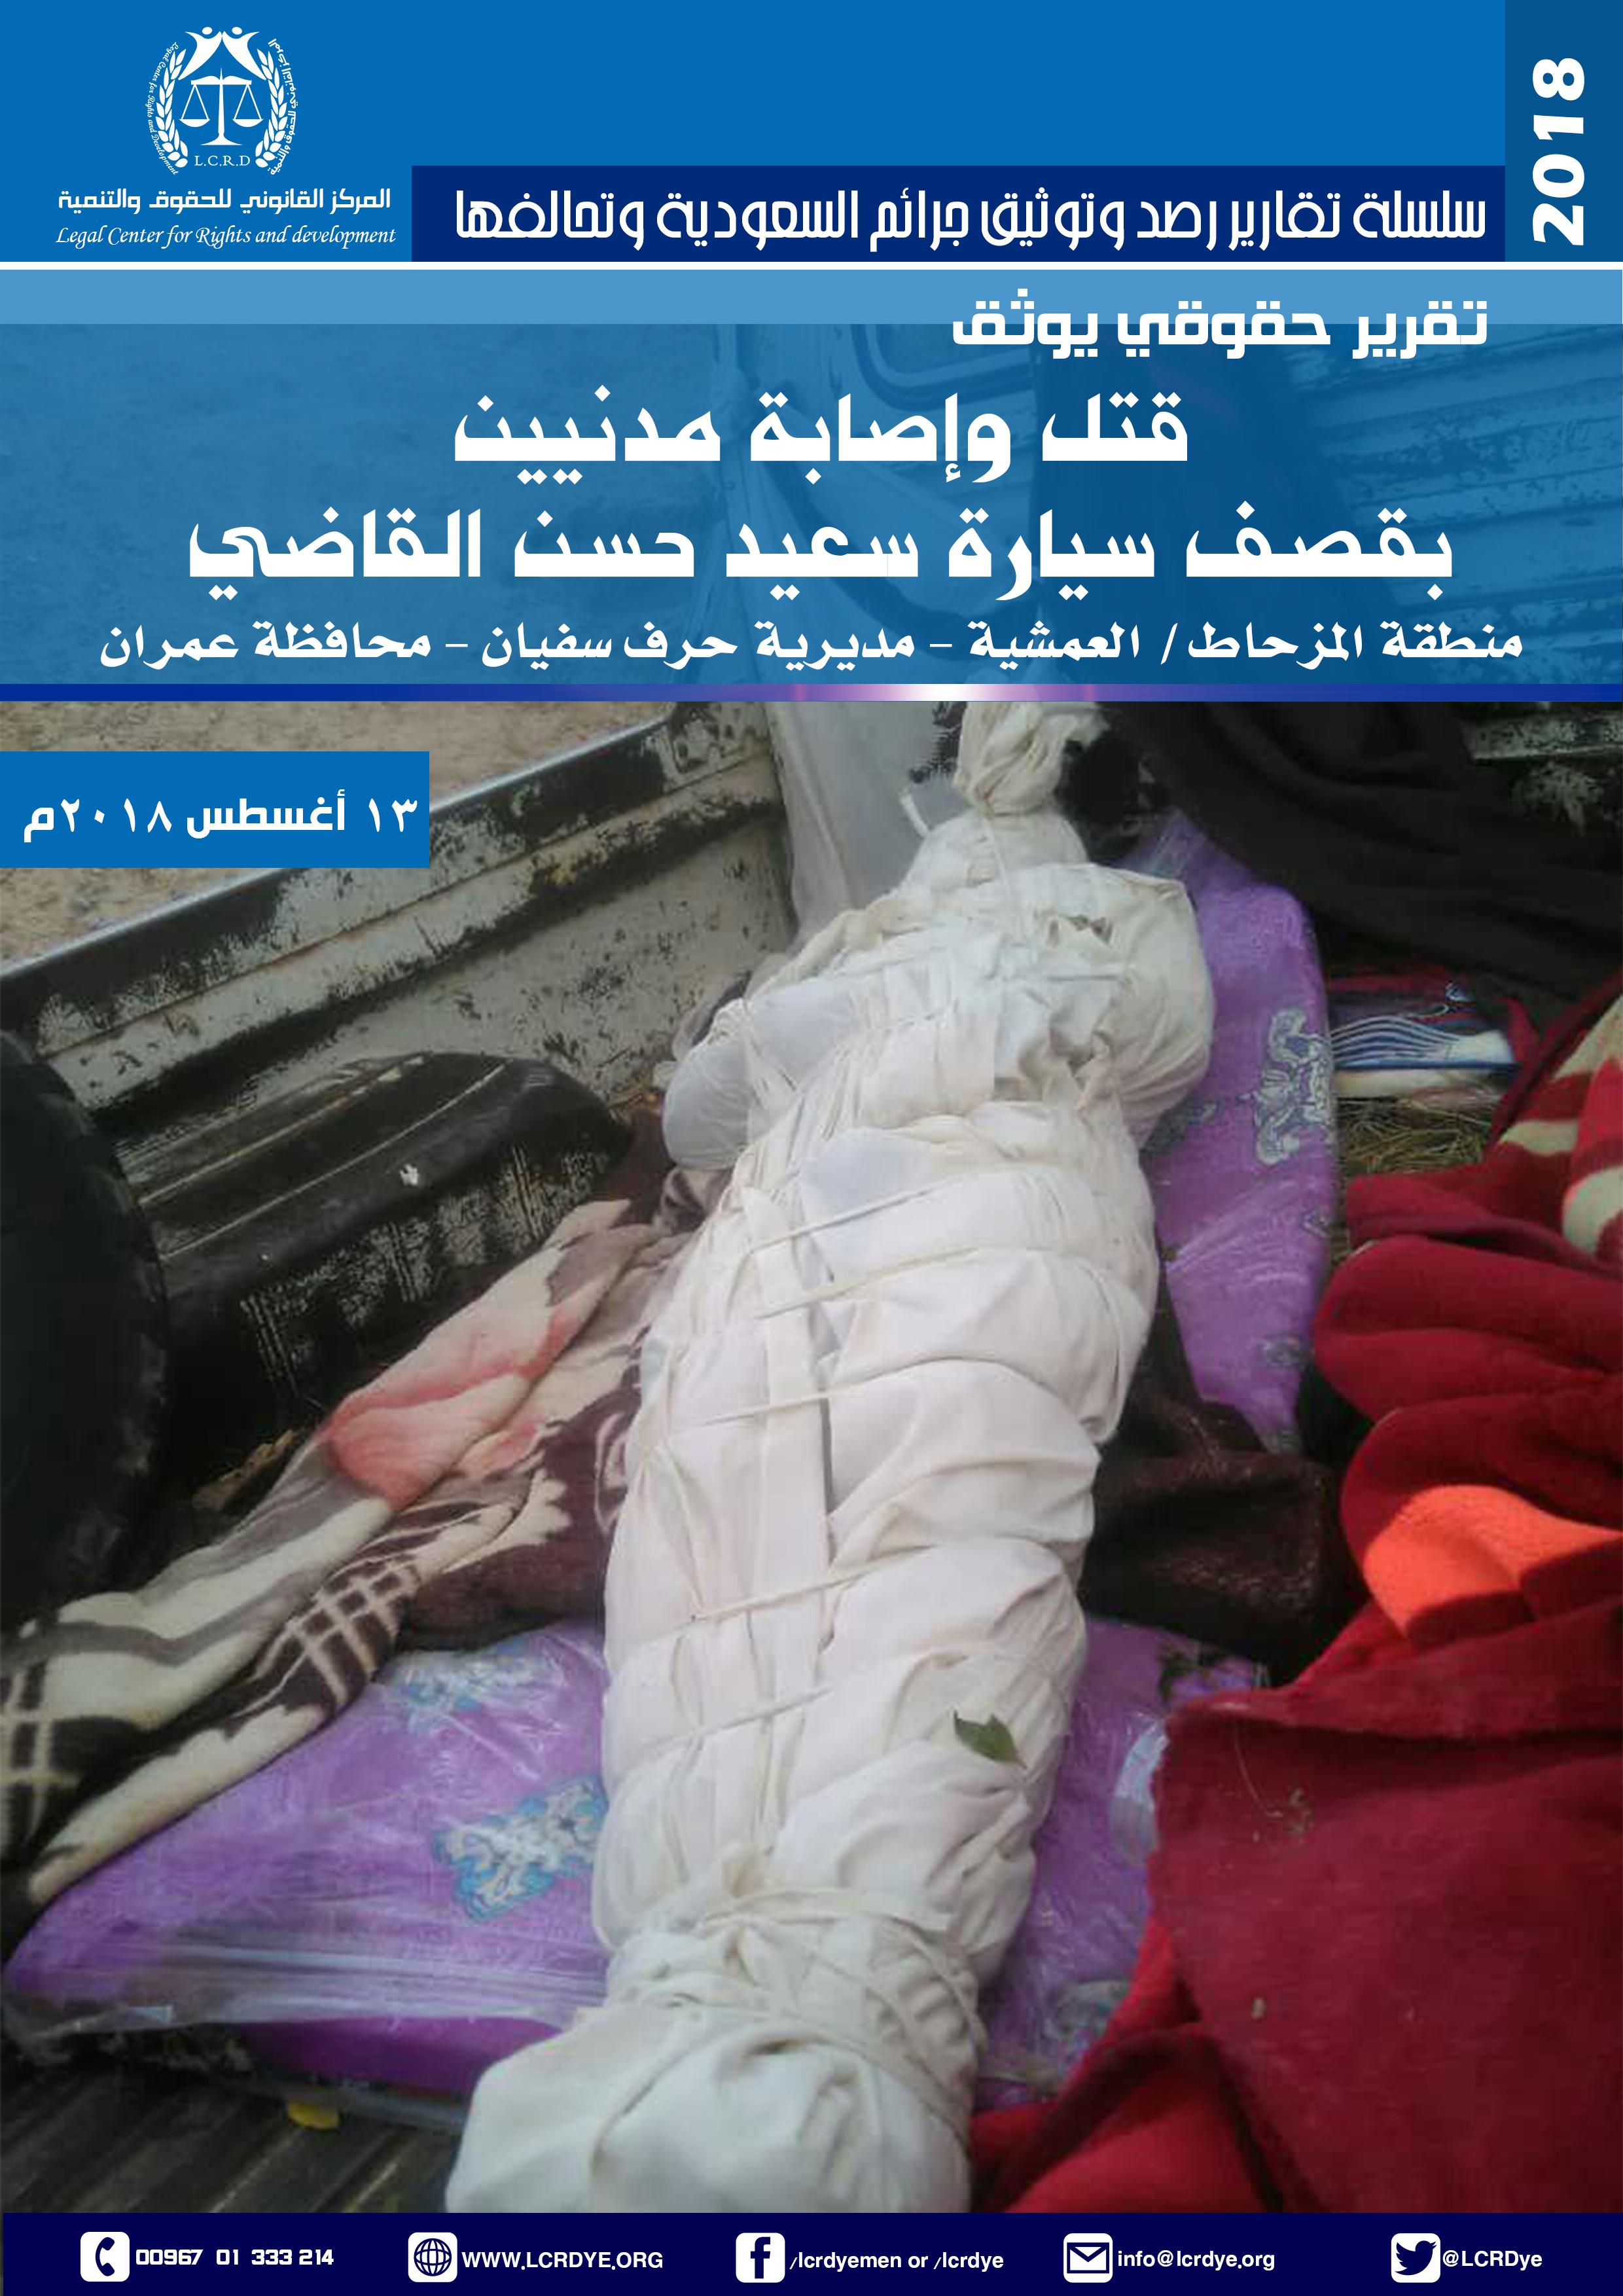 تقرير قصف سيارة القاضي بالمزحاط العمشية – سفيان عمران 20180813